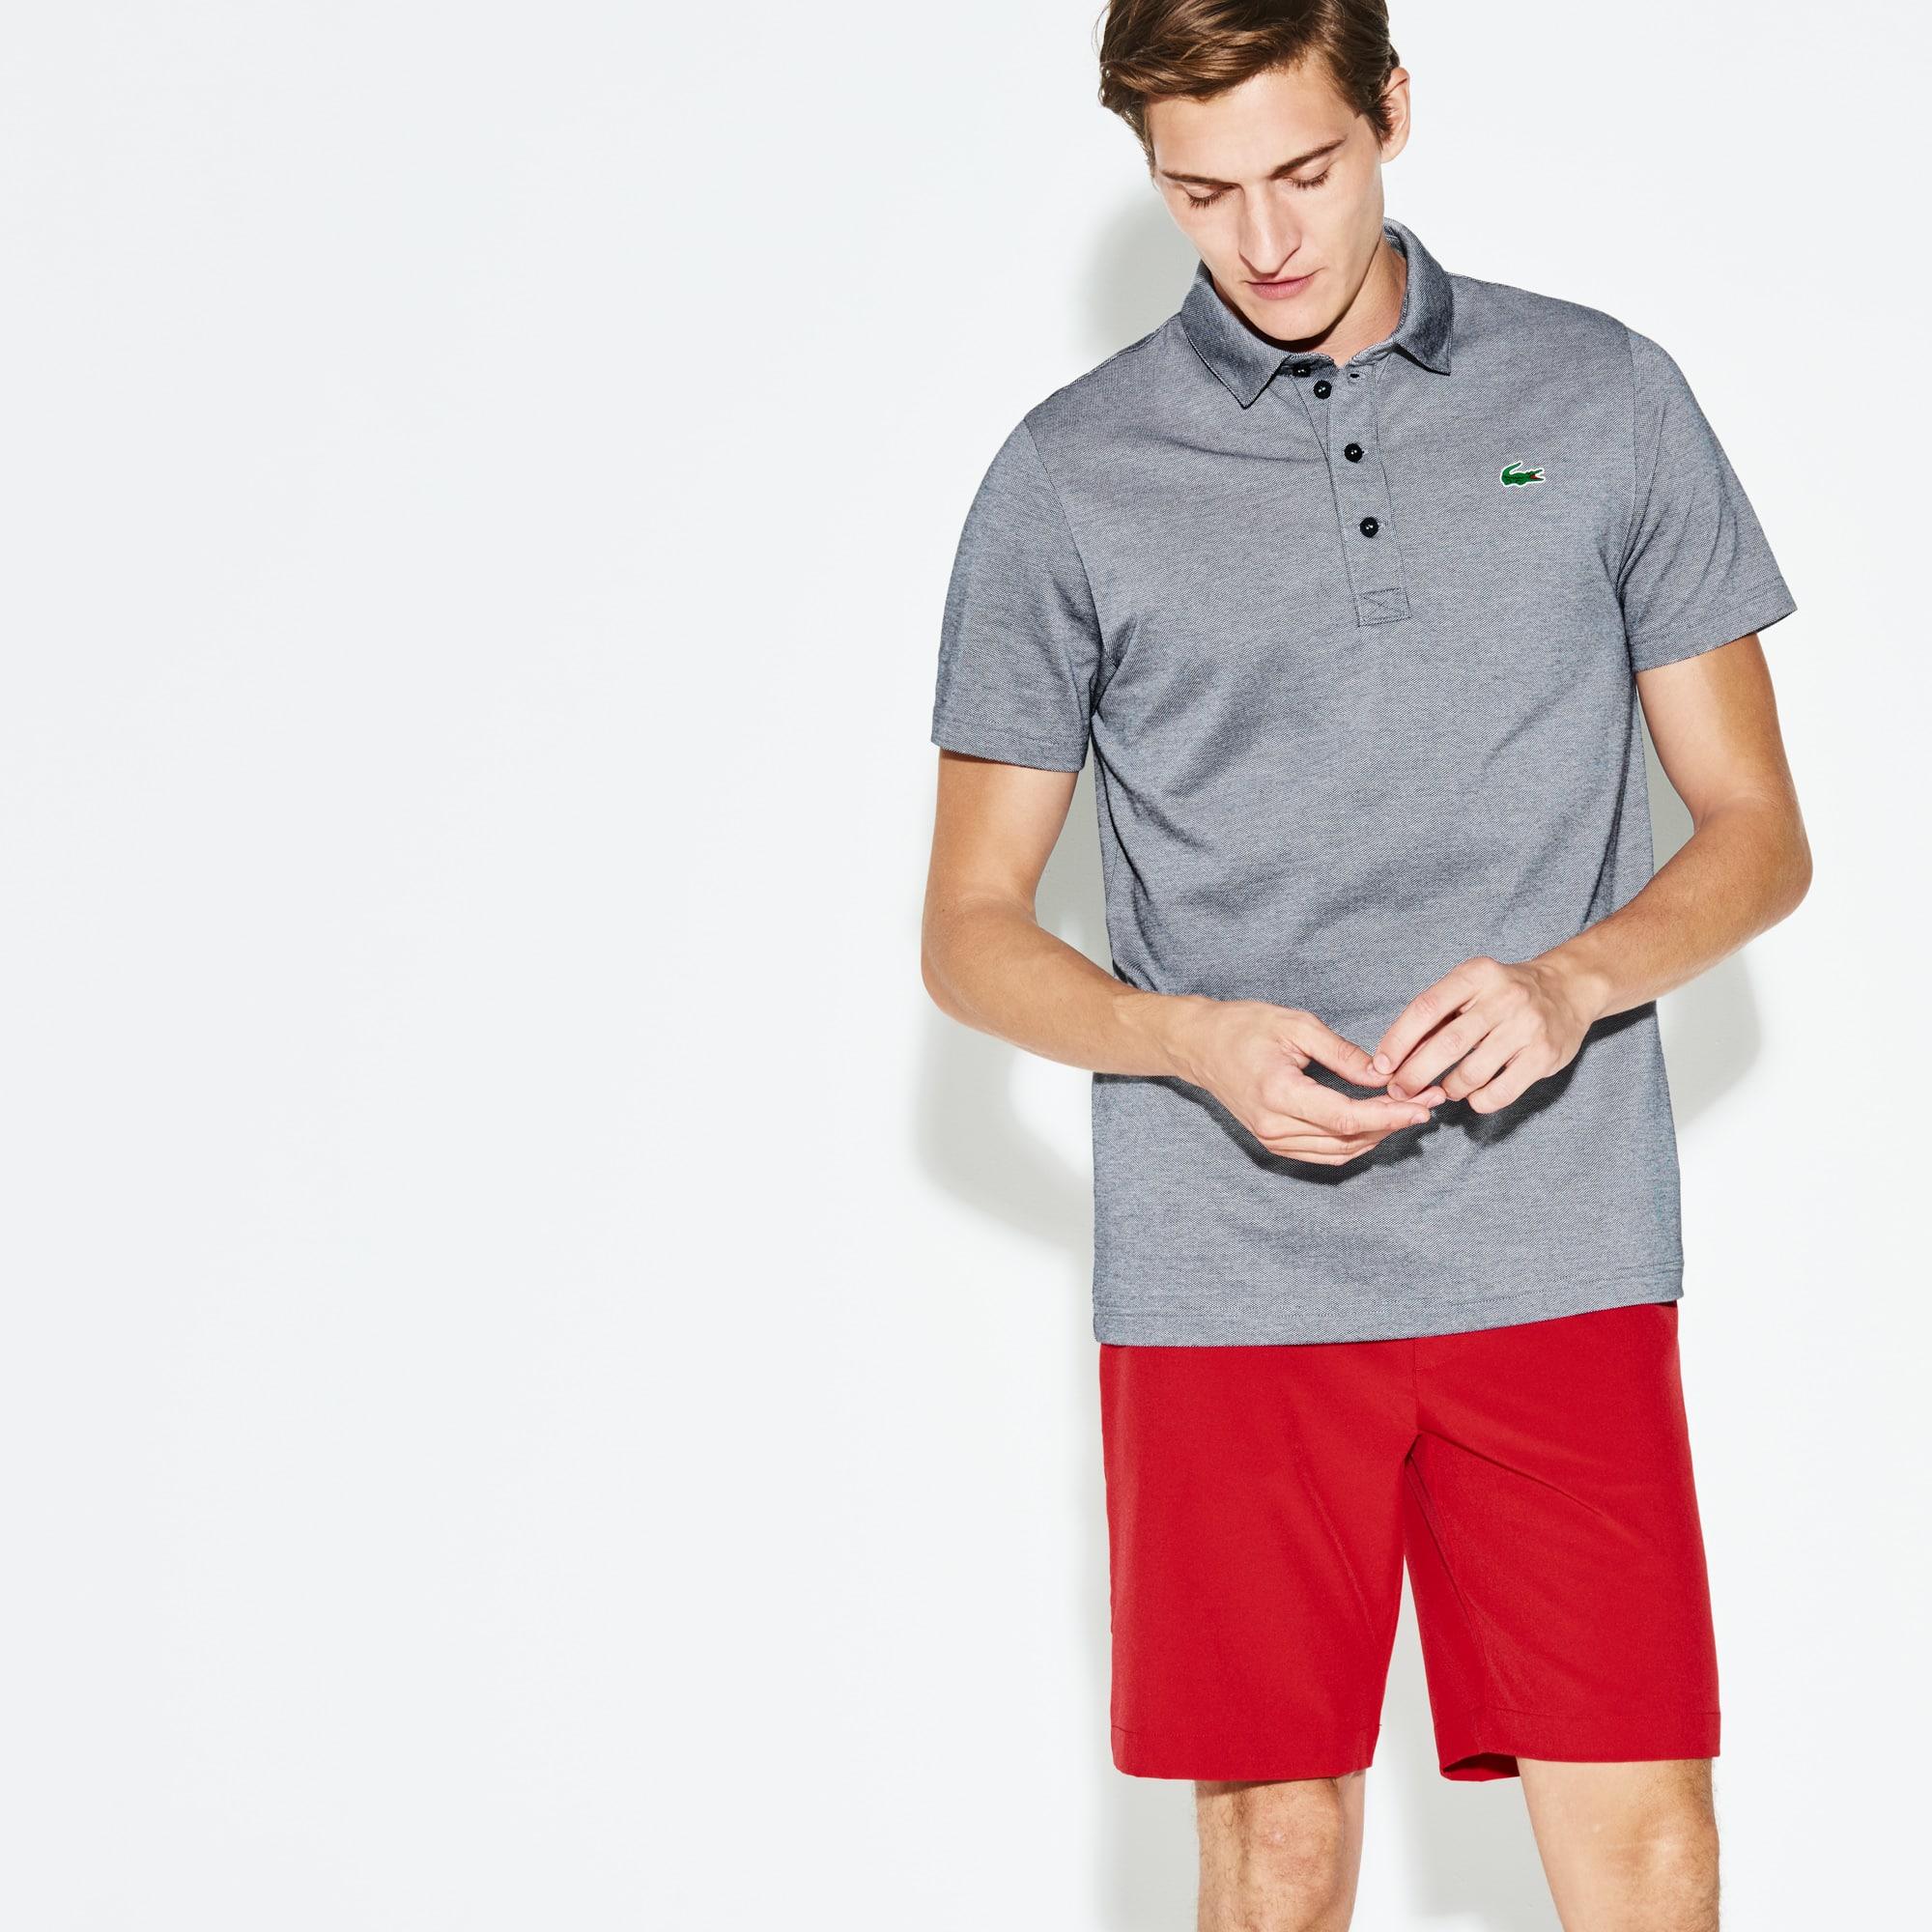 Men's SPORT Technical Golf Polo